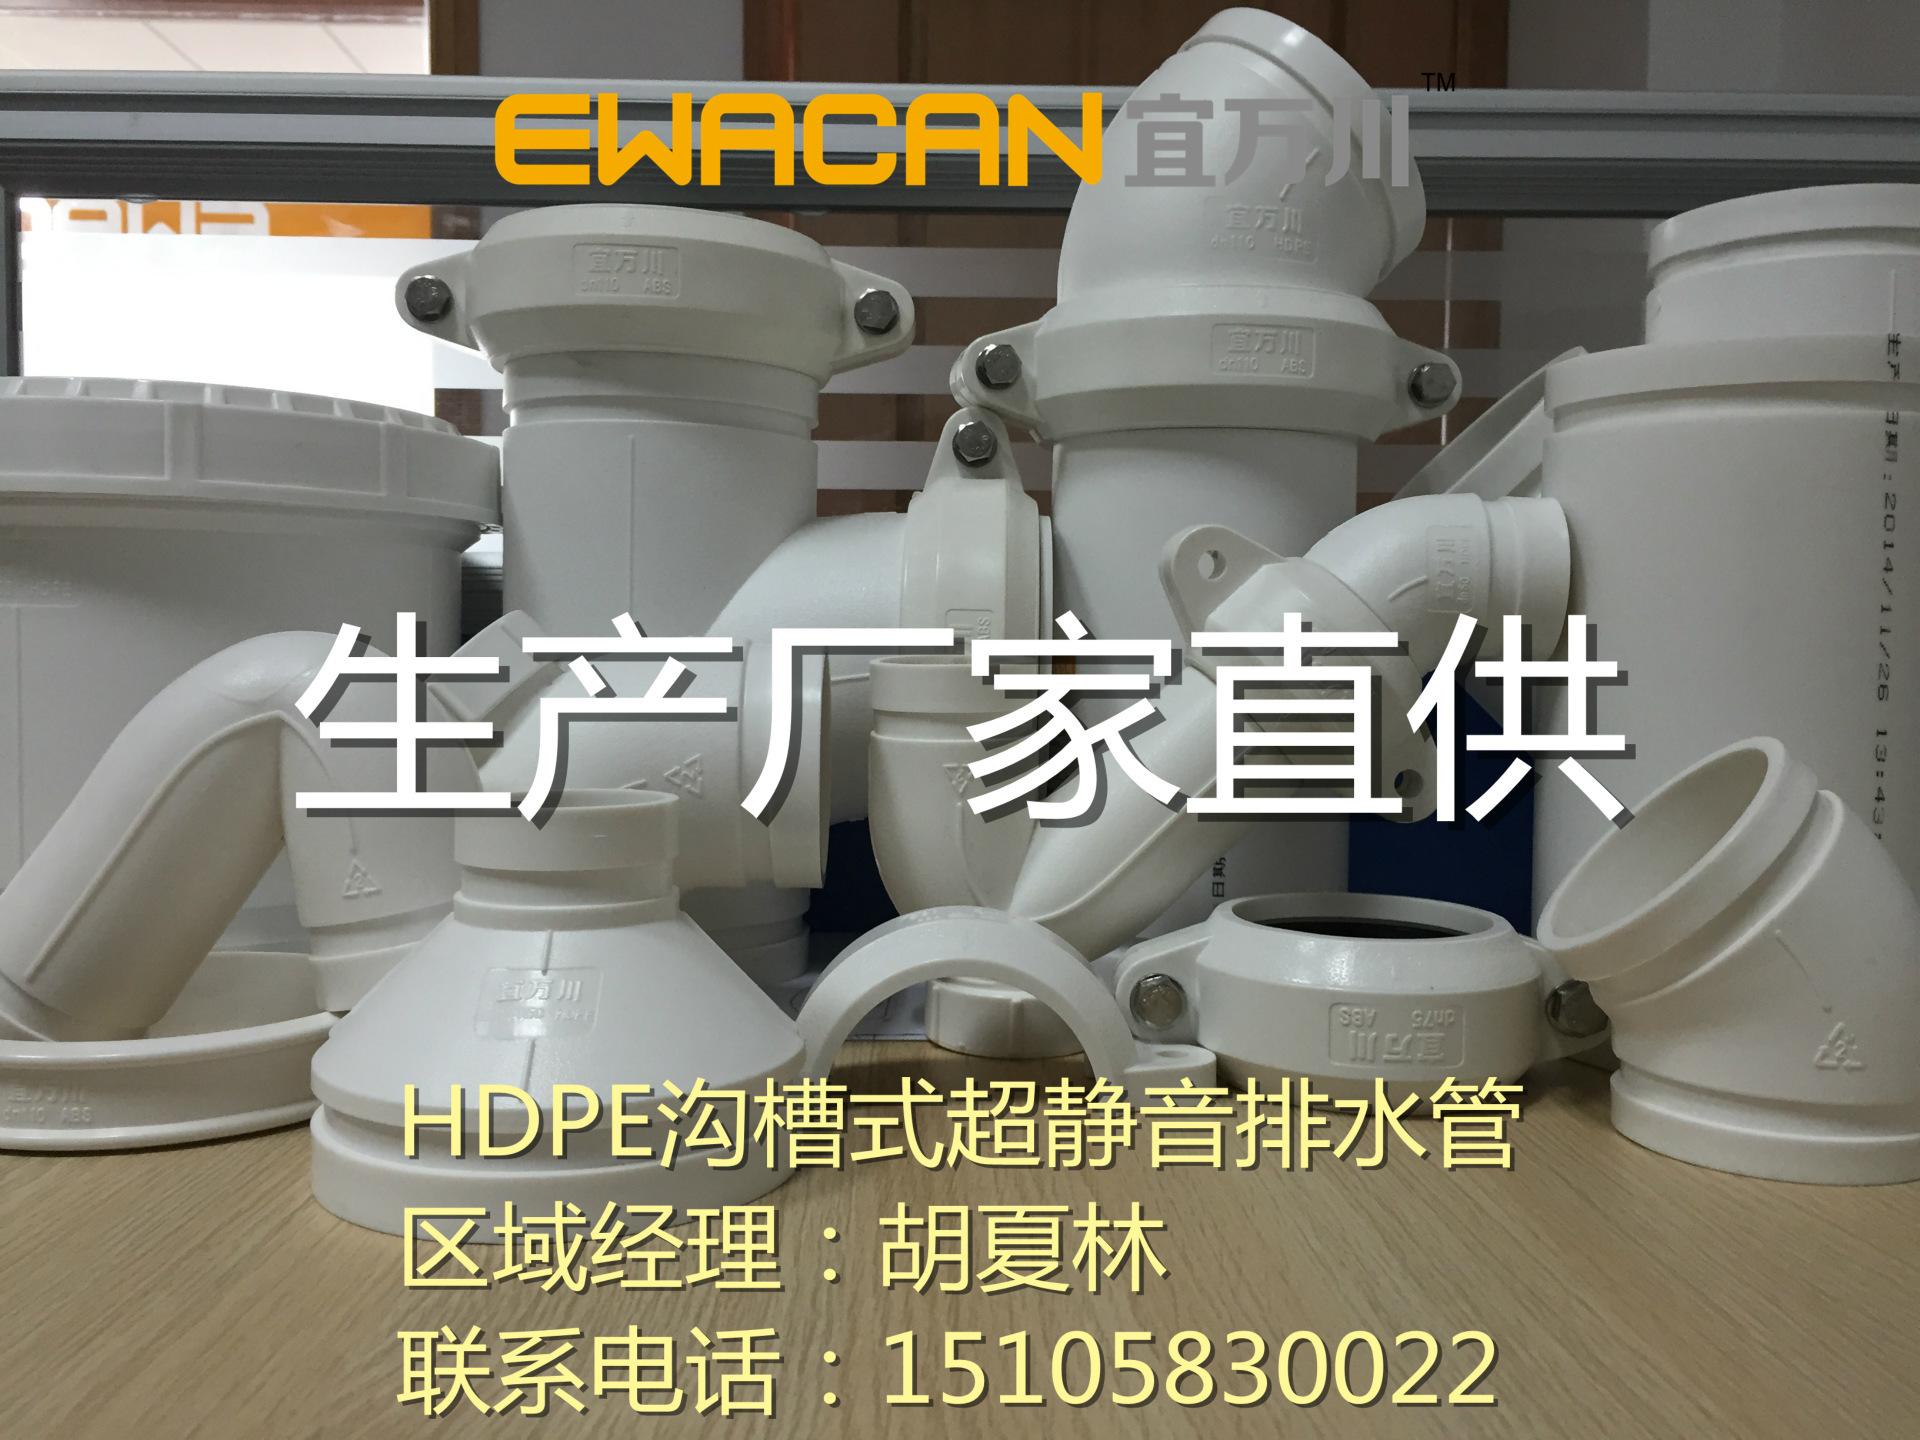 沟槽式HDPE超静音排水管,FRPP、HDPE法兰承插静音排水管,PP管示例图4